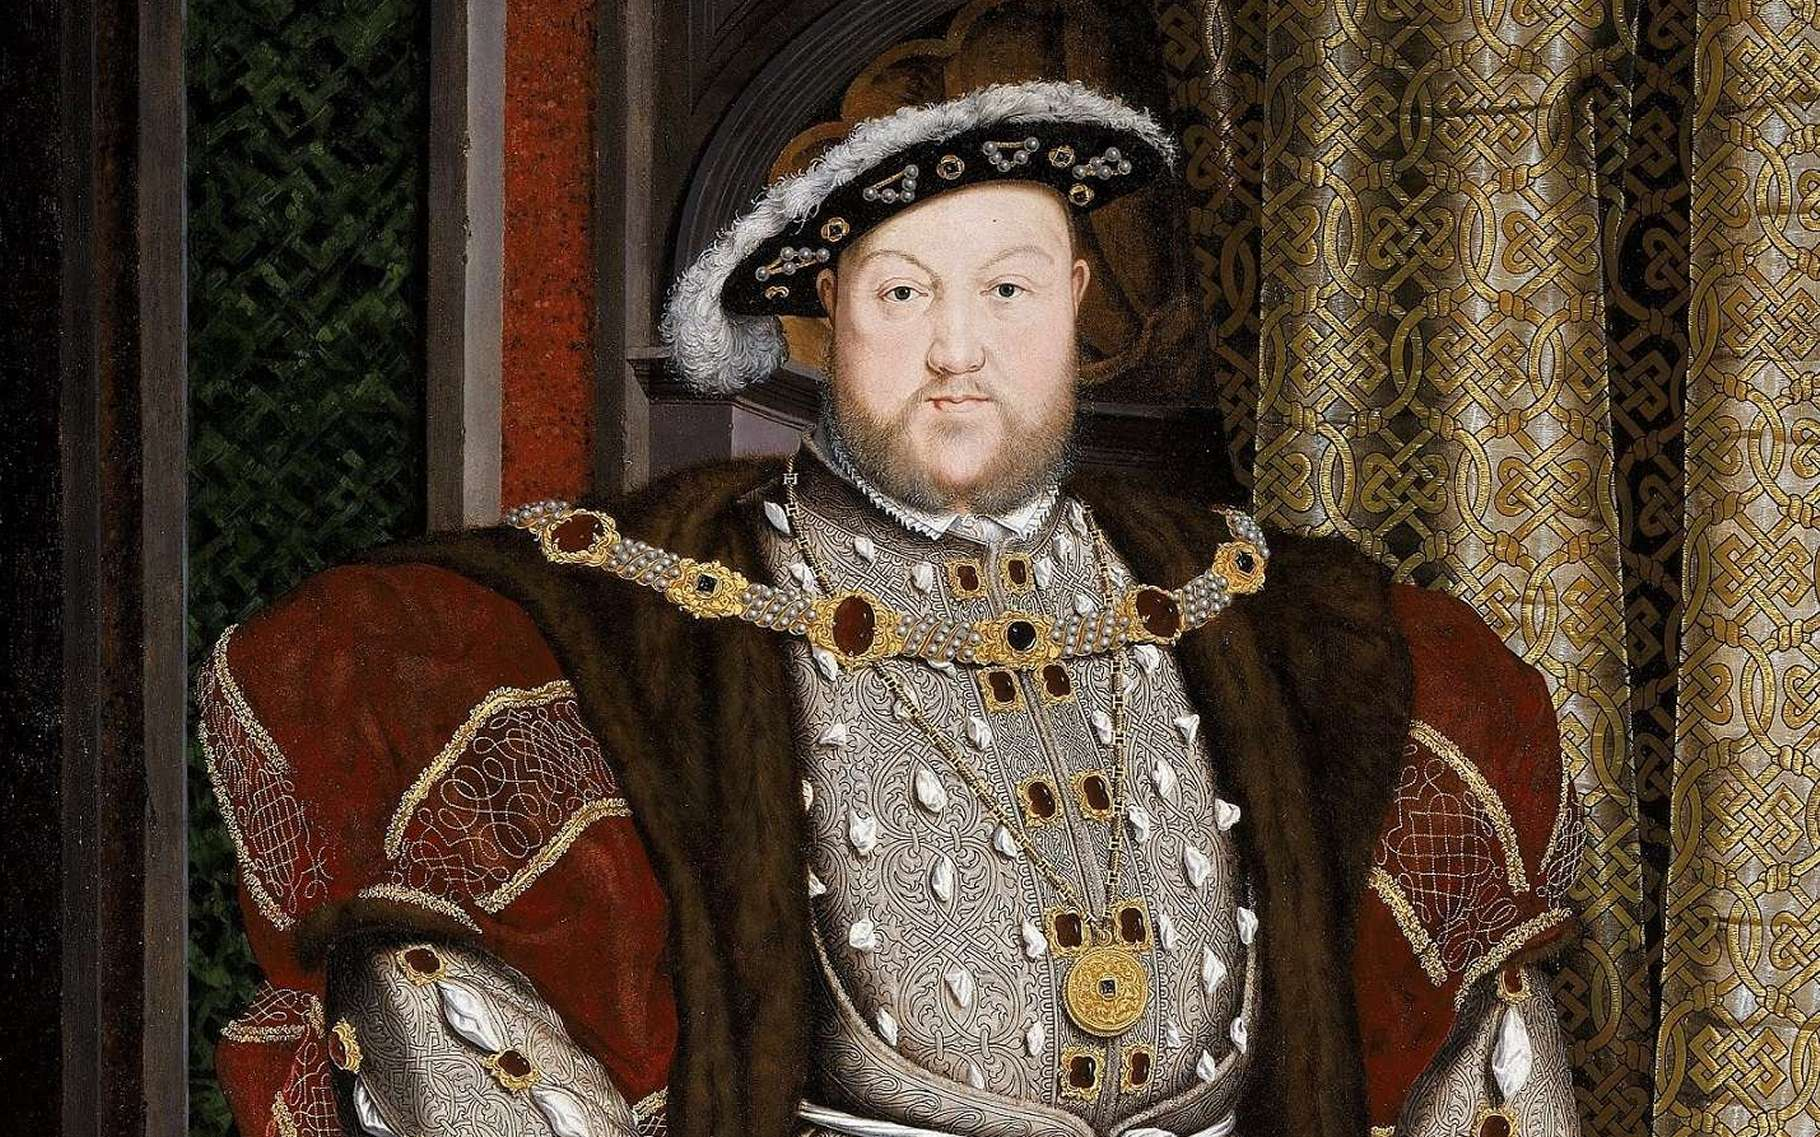 Henri VIII, connu pour son caractère colérique, a eu six femmes, dont deux qu'il a fait décapiter. L'histoire aurait pu être toute autre s'il n'avait pas été victime d'accidents lors de tournois. © Wikipedia, DP